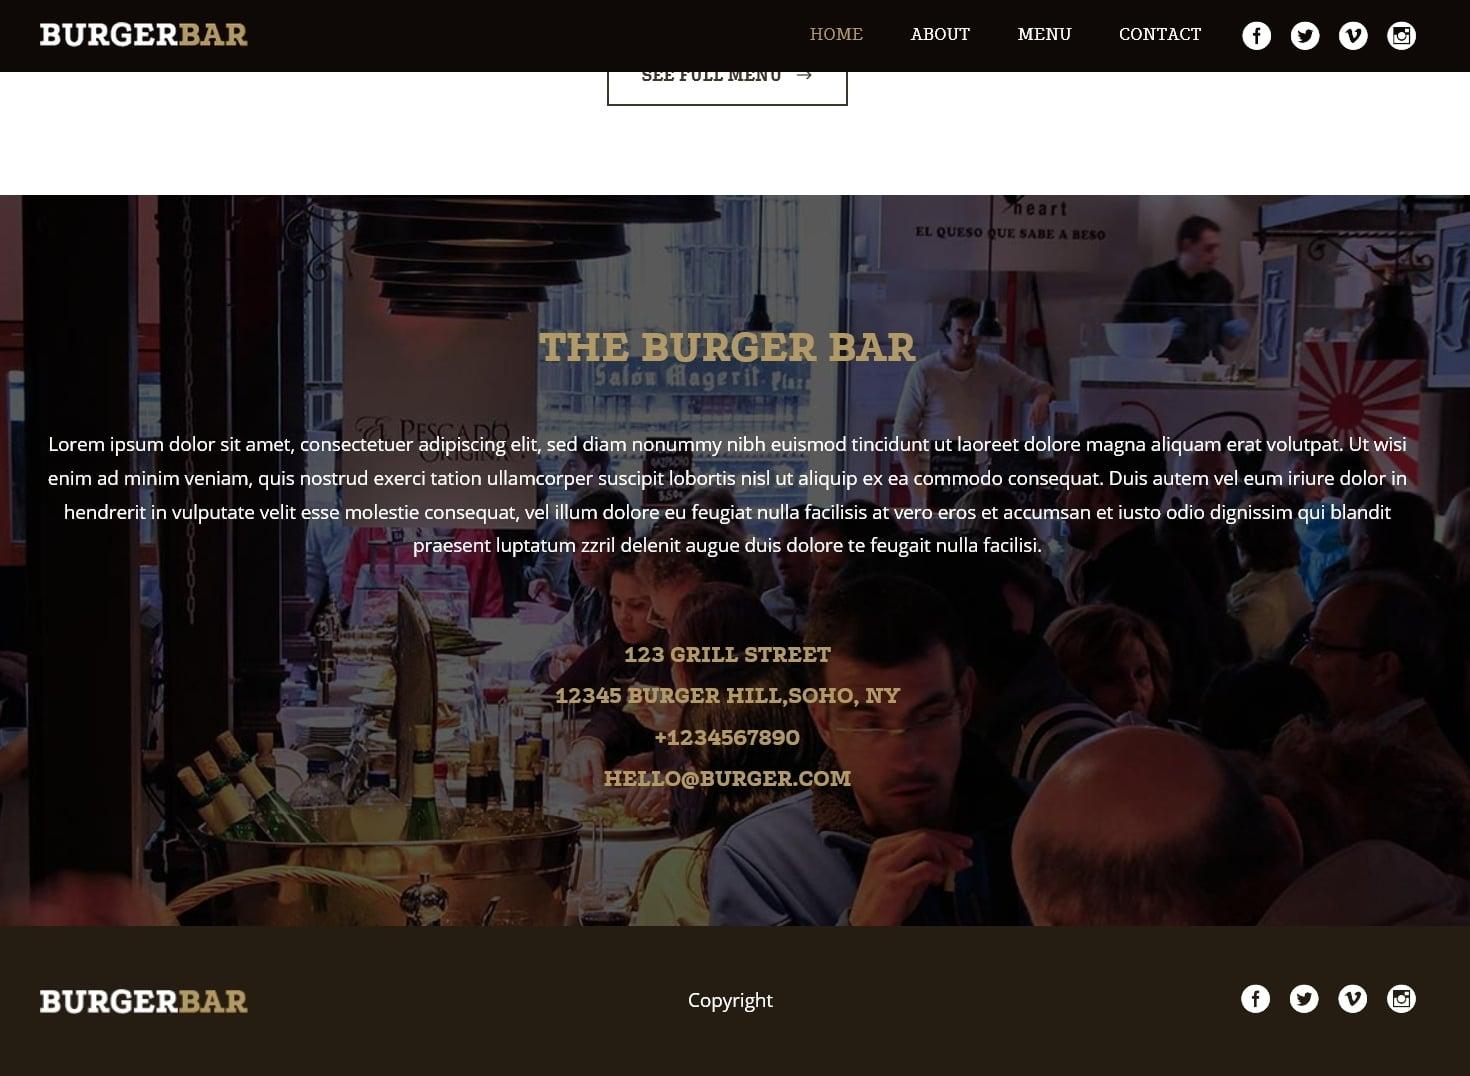 表面功夫版型參考-餐飲服務業-BurgerBar-Home Page A-3